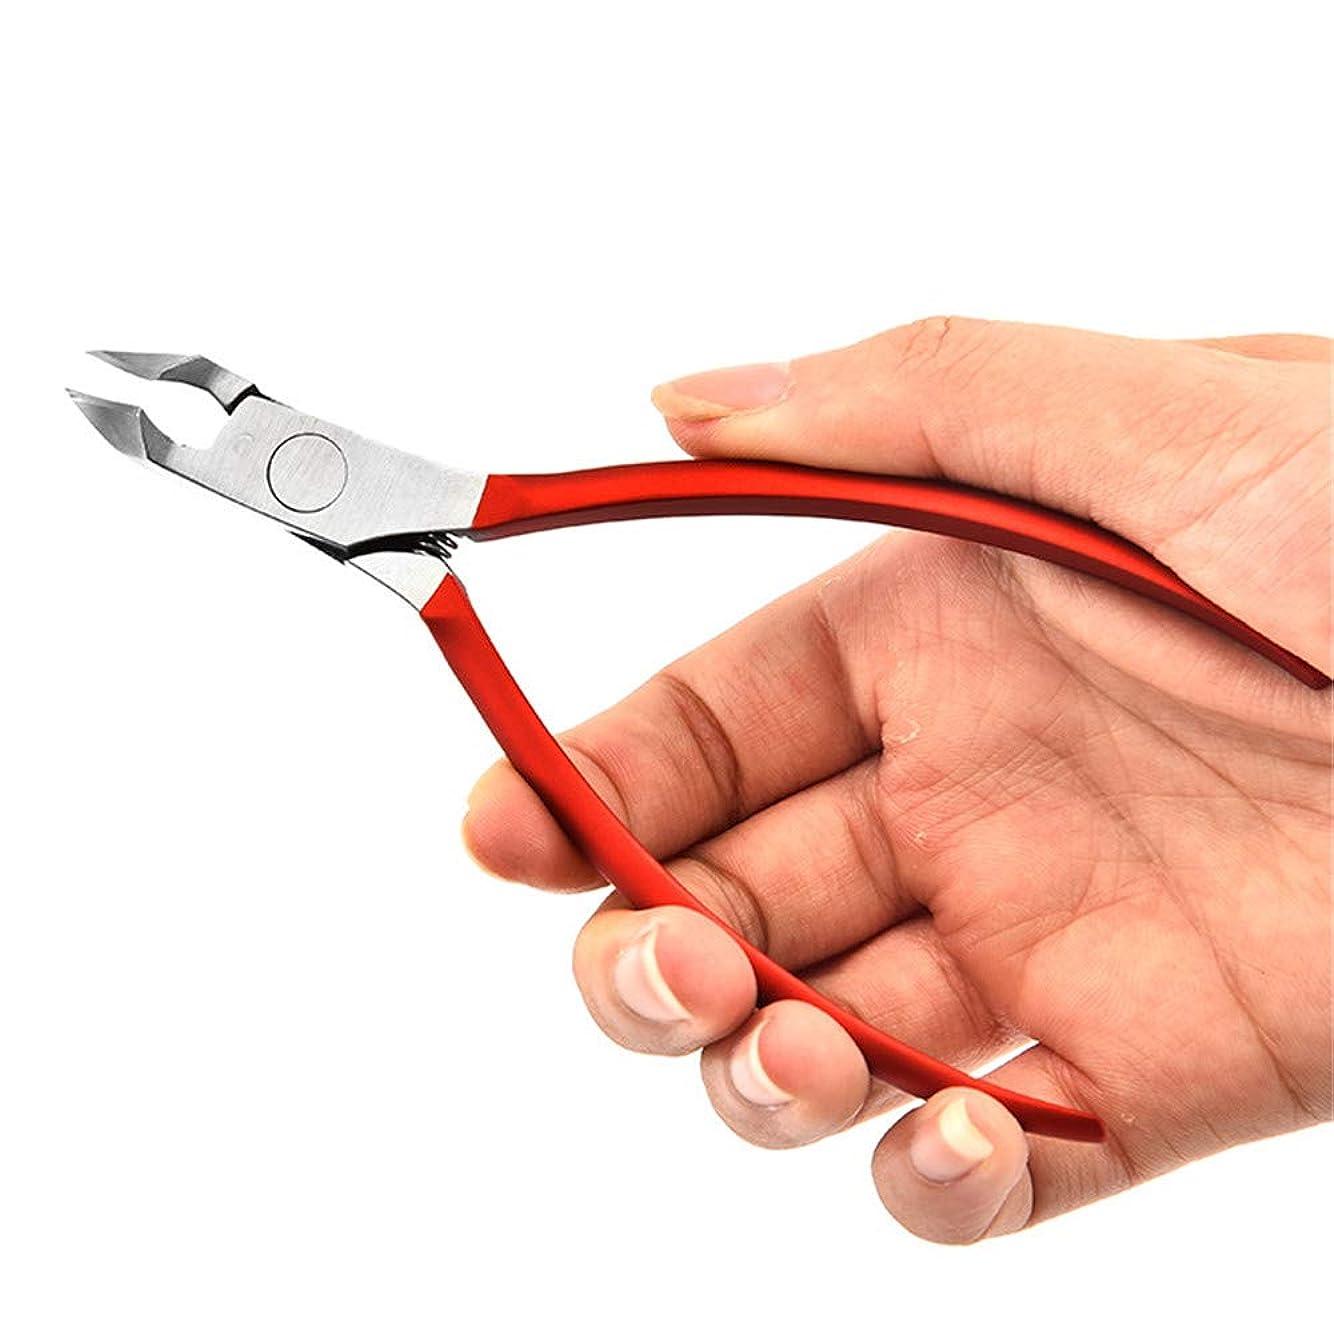 カフェテリアバンジージャンプ航海の精密足の爪切り ステンレススチールネイルトゥナリクリッパーズニーハースシザーズカッター、厚く入り込んだトウネイルヘビーデューティー 厚くまたは陥入した足指の爪に